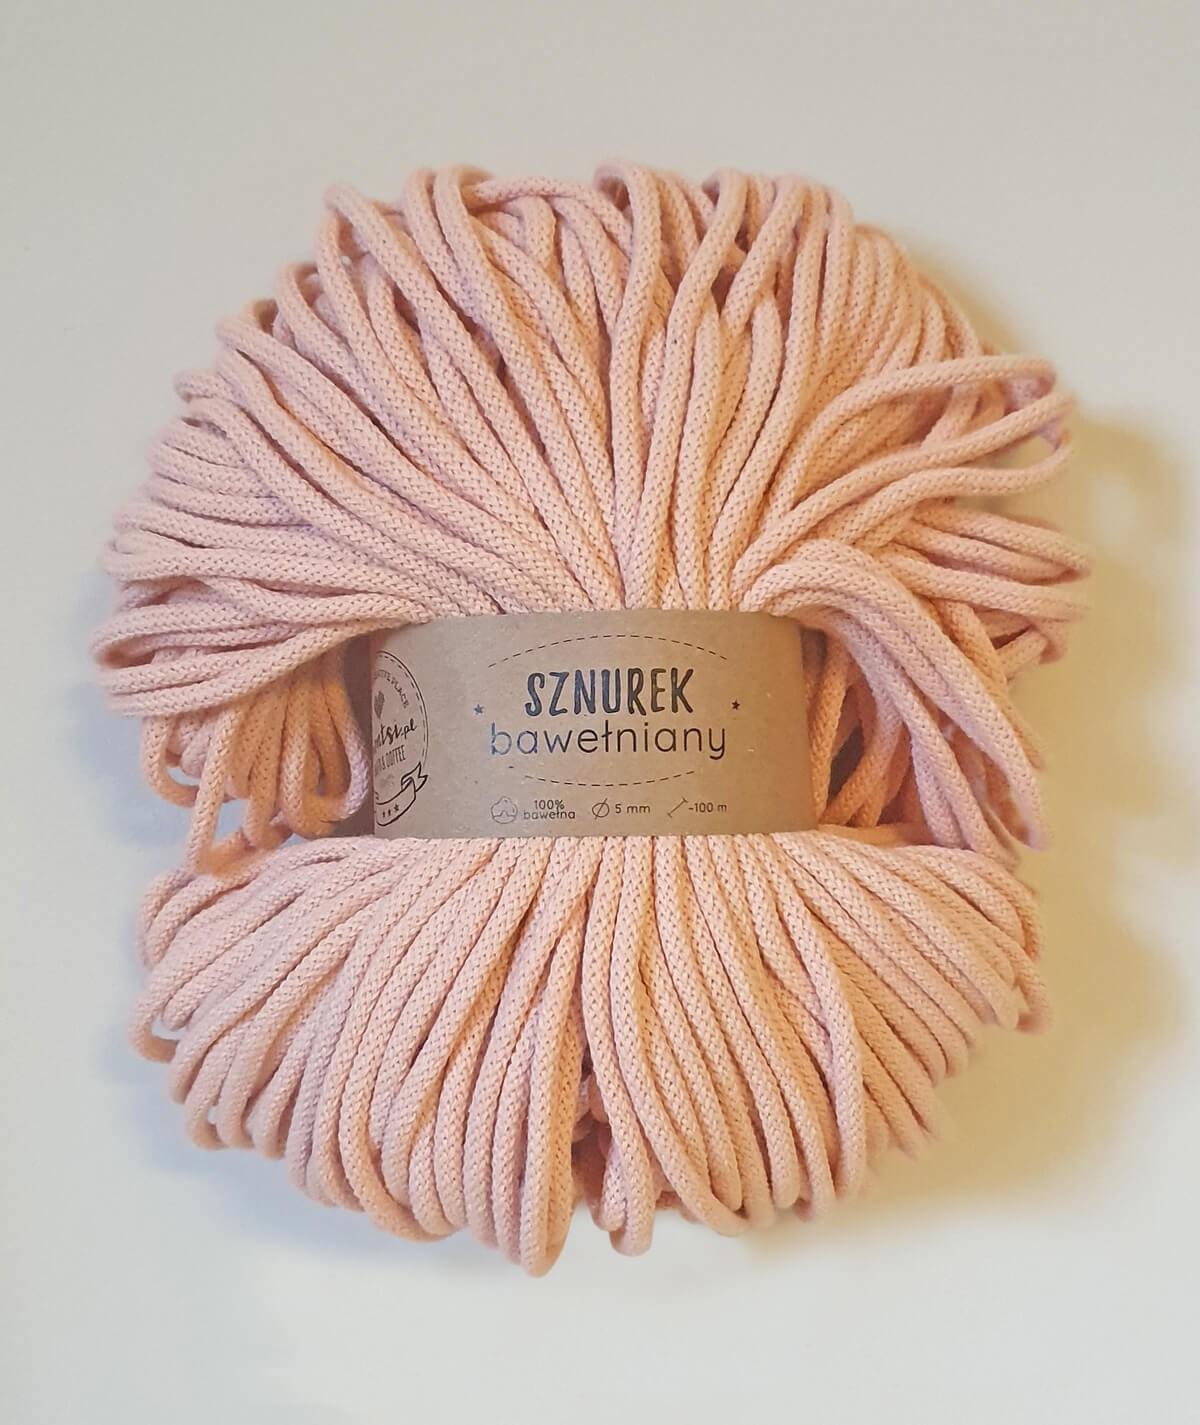 Sznurek bawełniany 5 mm łososiowy do rękodzieła